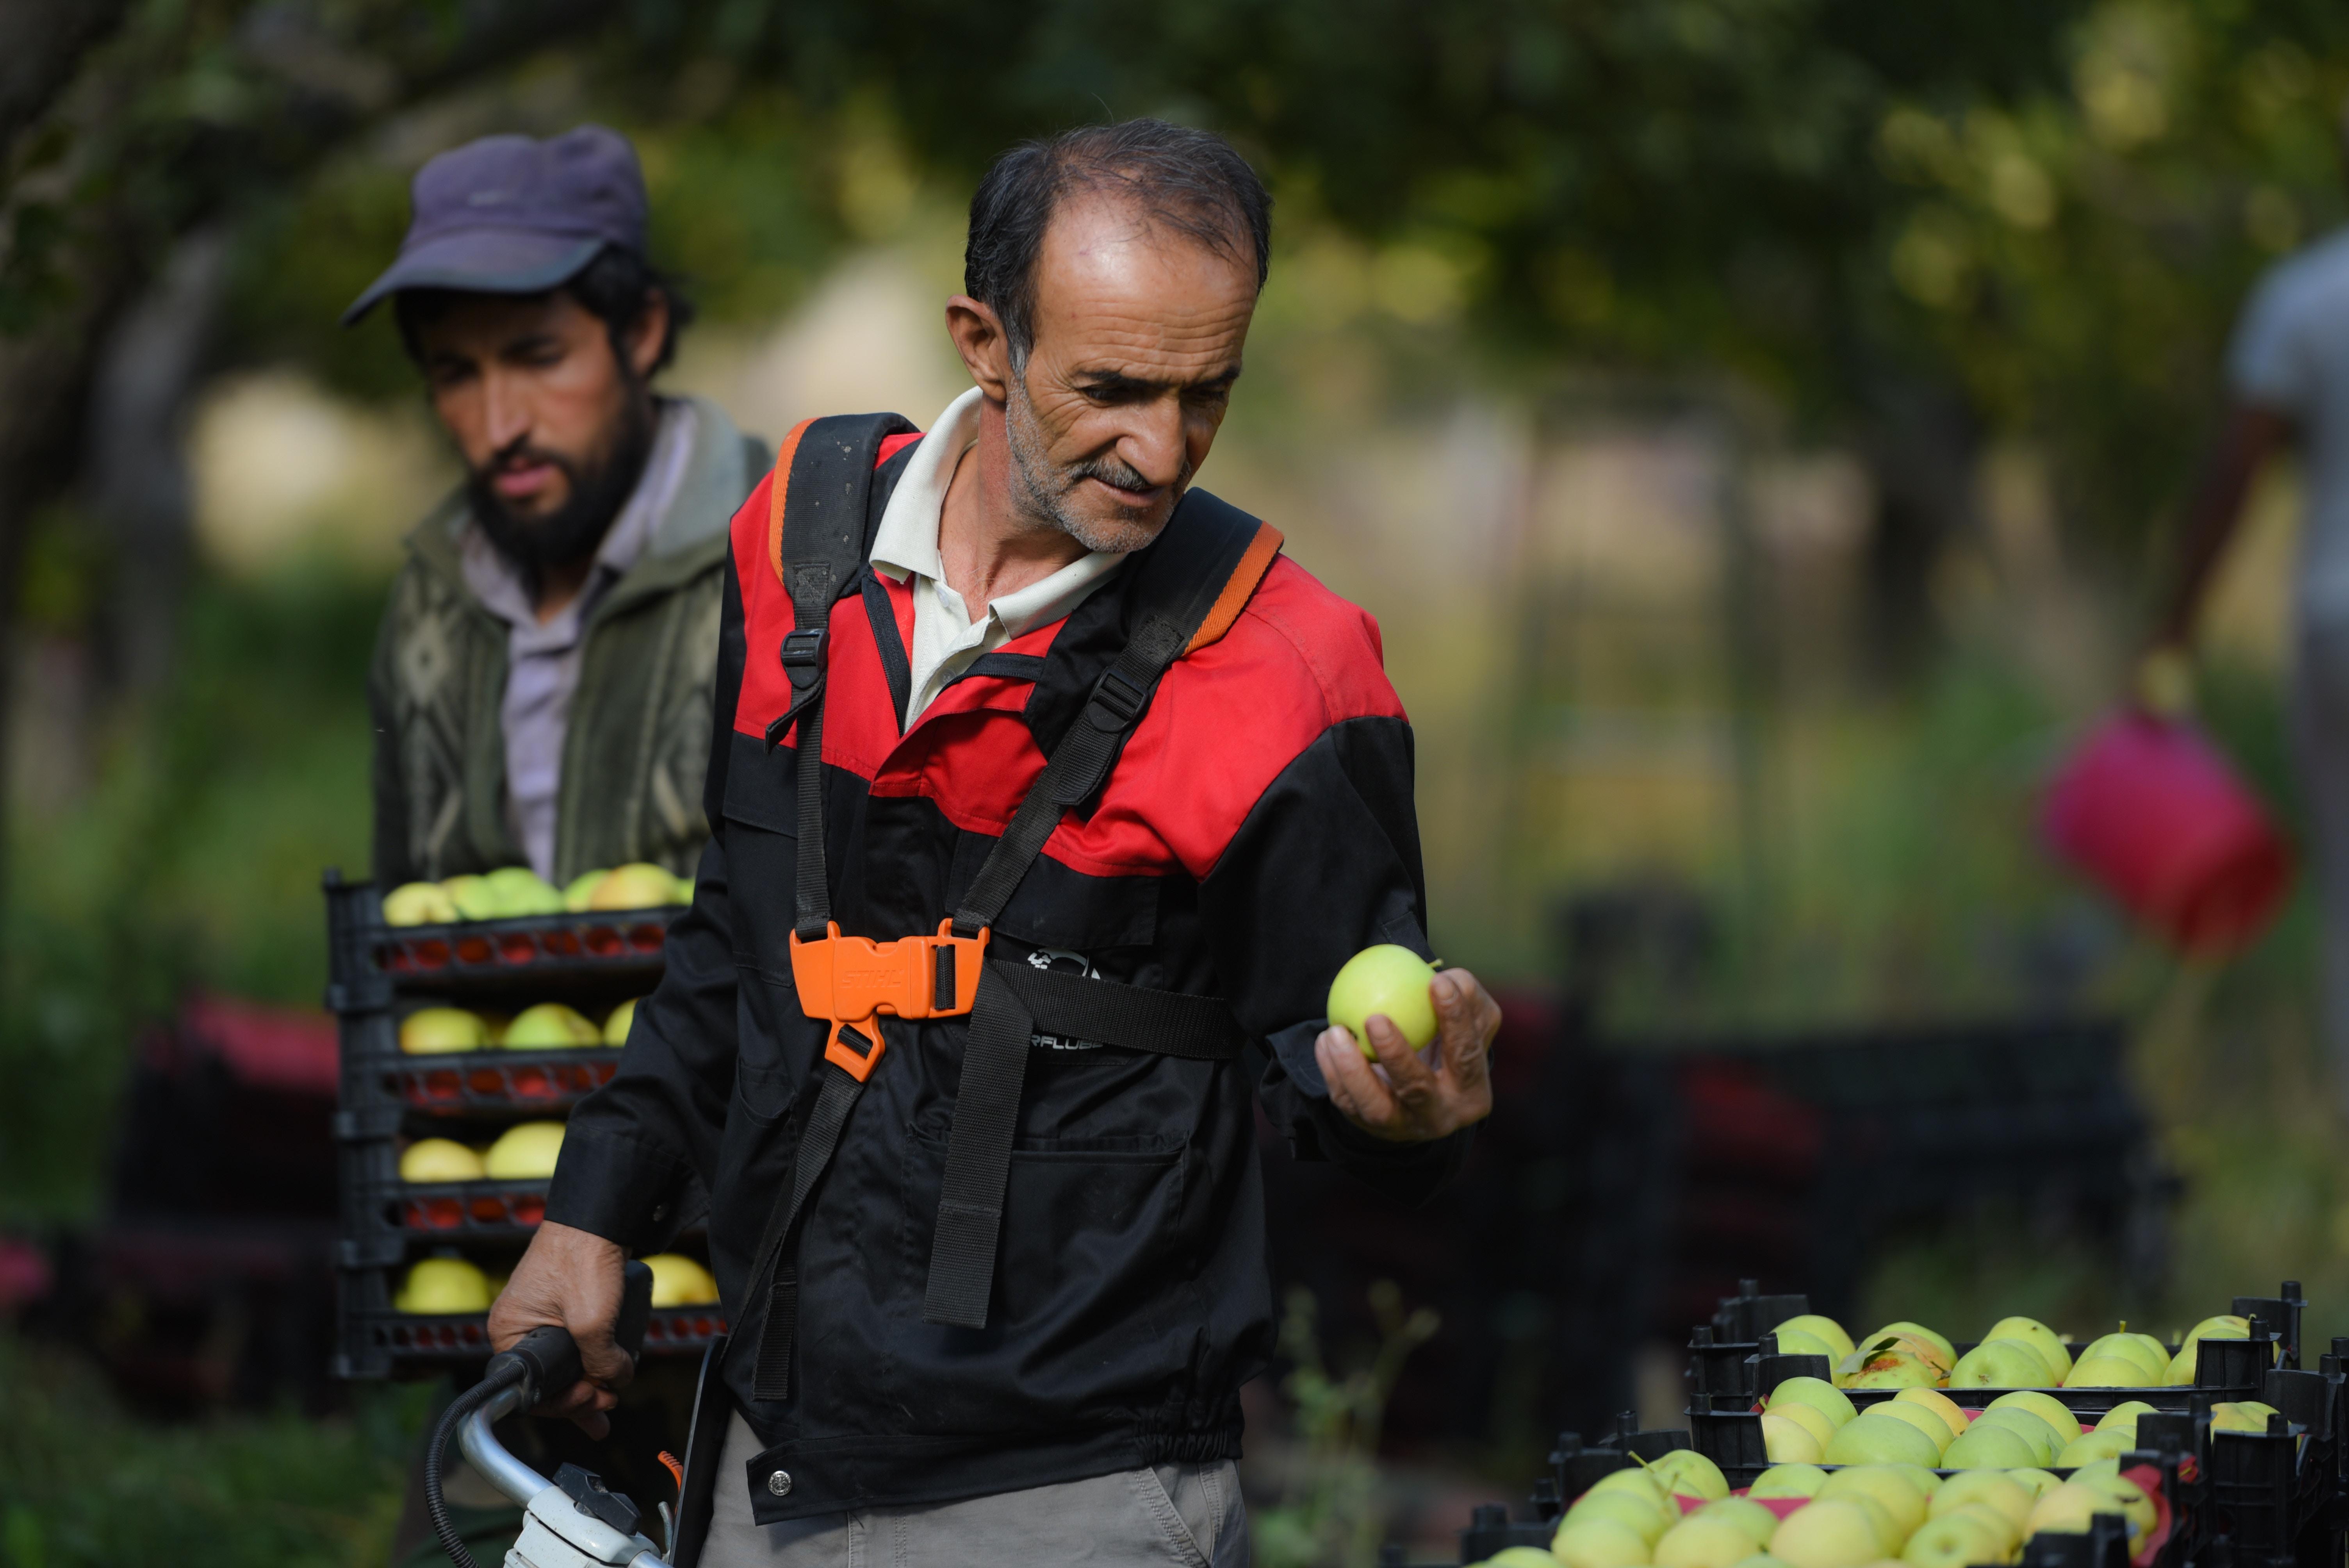 Agricultores ecológicos busan proteger el patrimonio alimentario de Italia